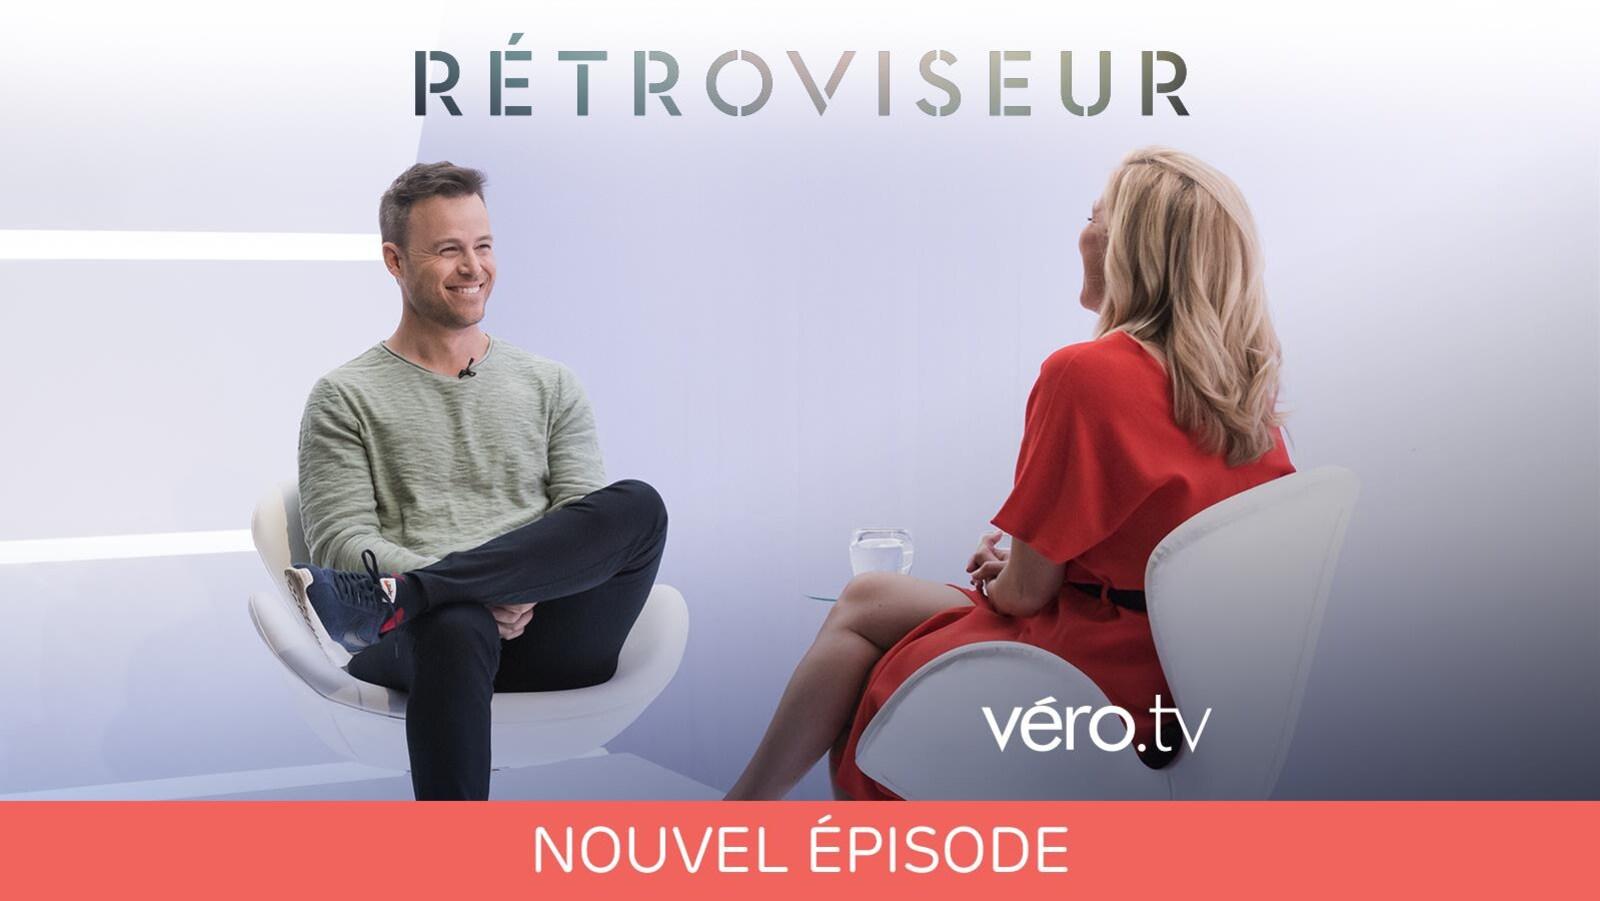 Louis Morissette face à Véronique Cloutier sur le plateau de l'émission Rétroviseur